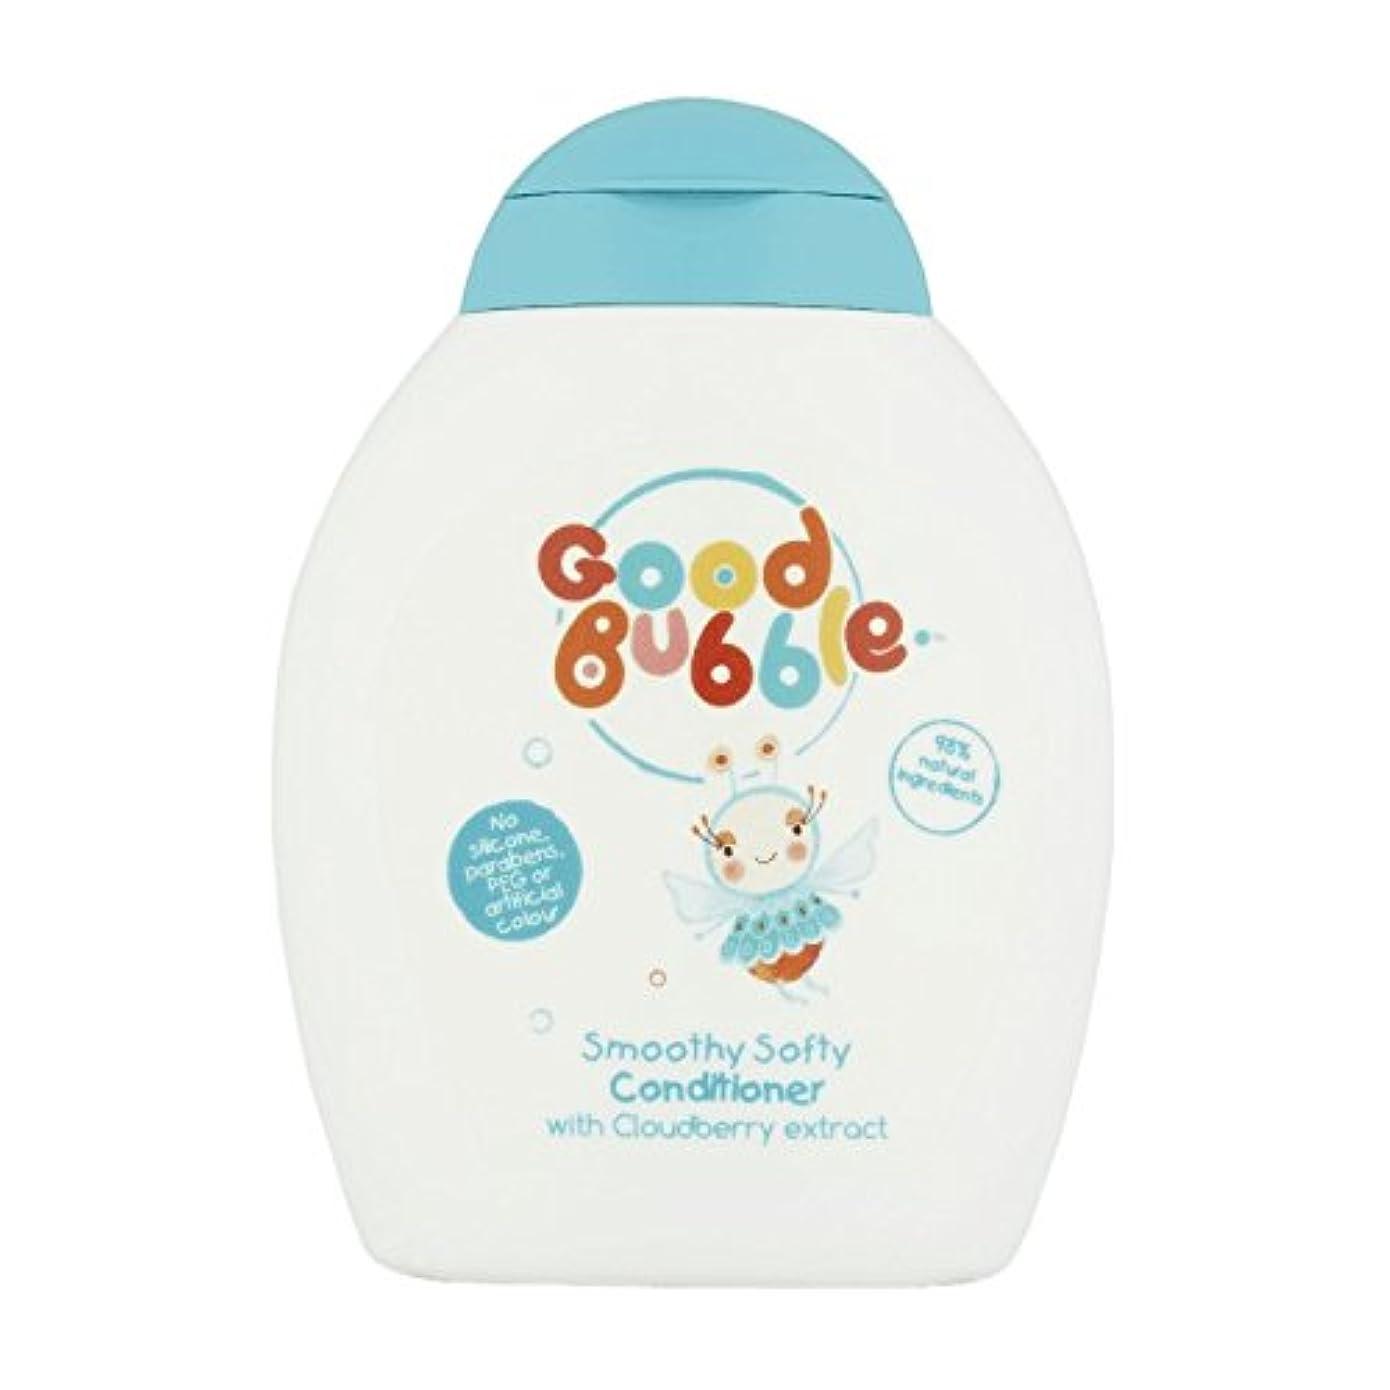 シェルパイ麦芽Good Bubble Cloudberry Conditioner 250ml (Pack of 6) - 良いバブルクラウドベリーコンディショナー250ミリリットル (x6) [並行輸入品]